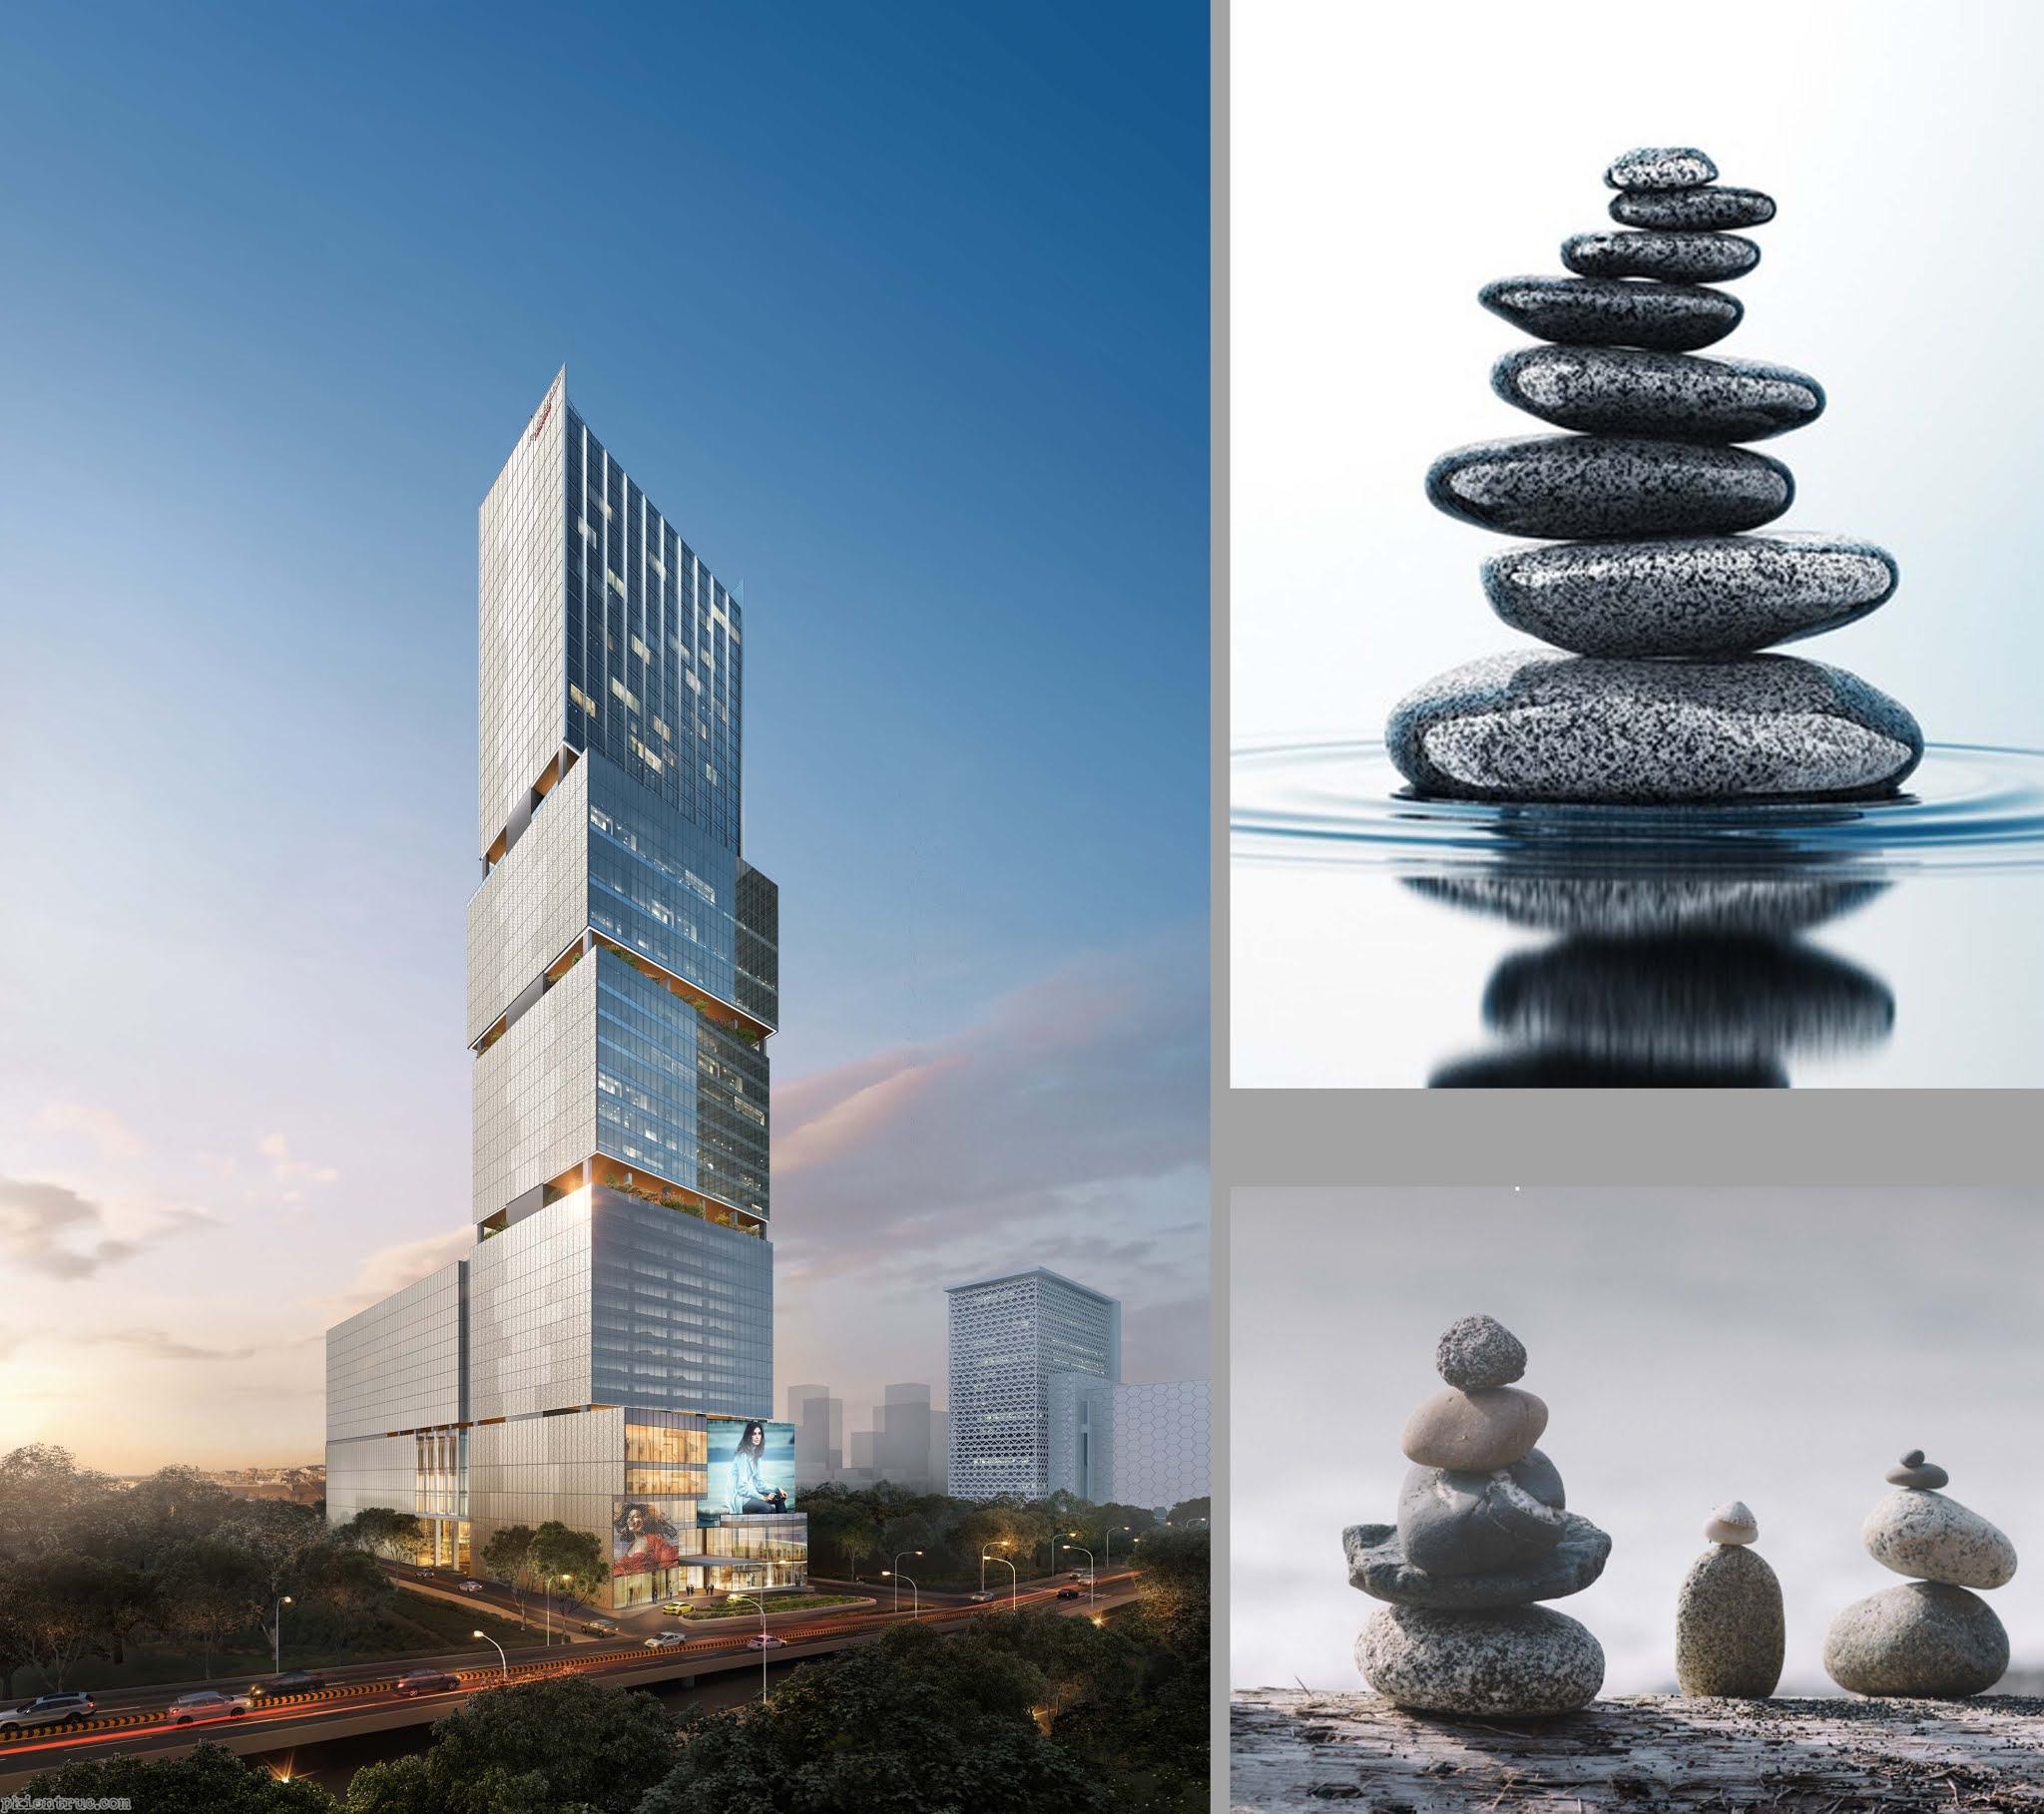 Phối cảnh tháp Chipmong và biểu tượng đá xếp chồng lên nhau